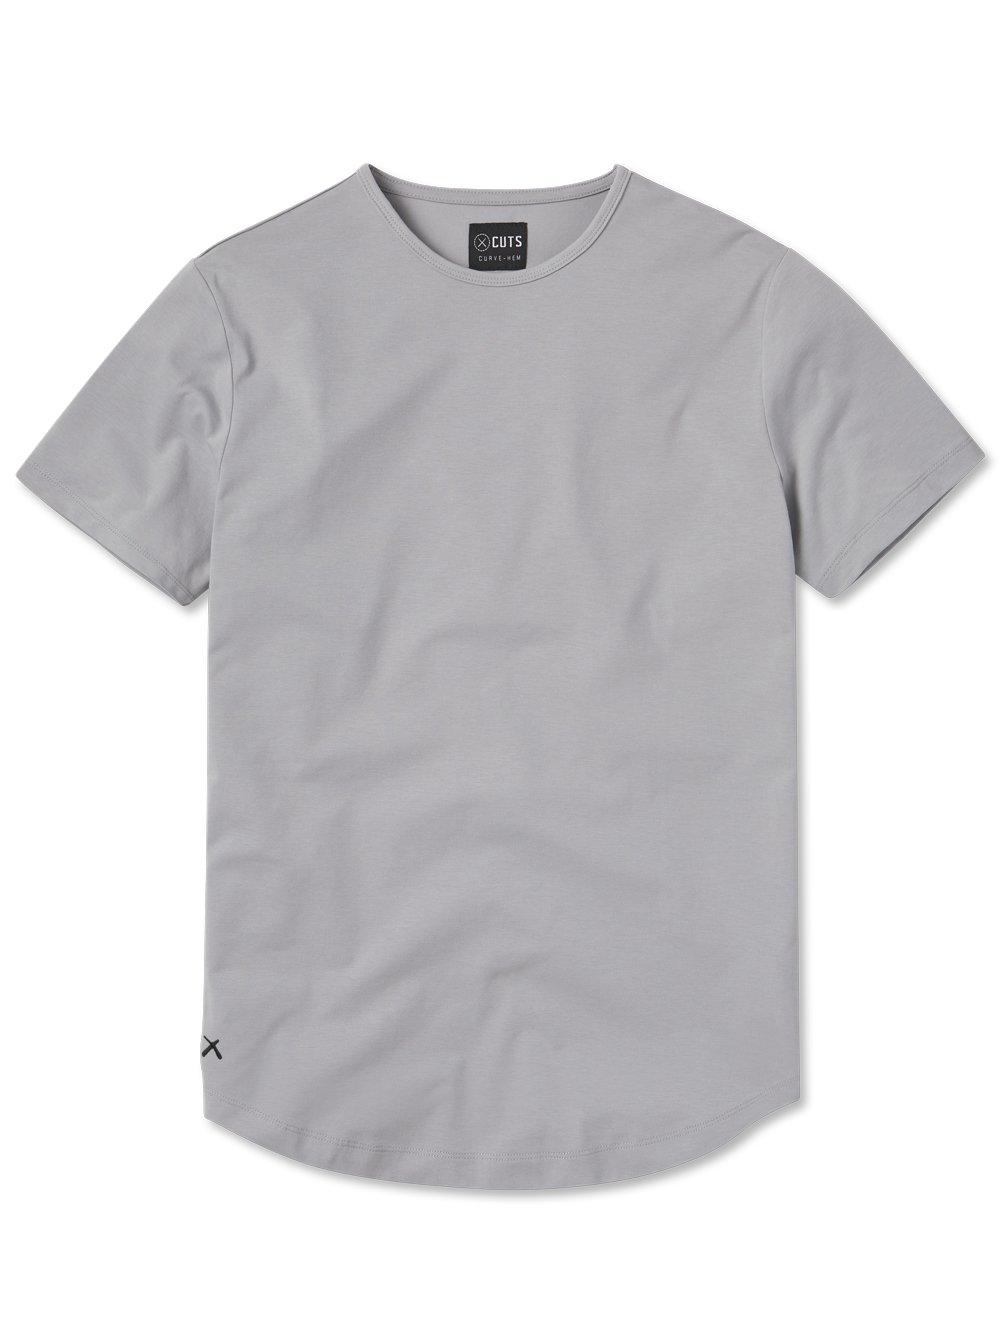 Cuts Clothing PYCA Pro Crew Curve Hem Slim Fit T-Shirt in granite; slim fit T-shirts